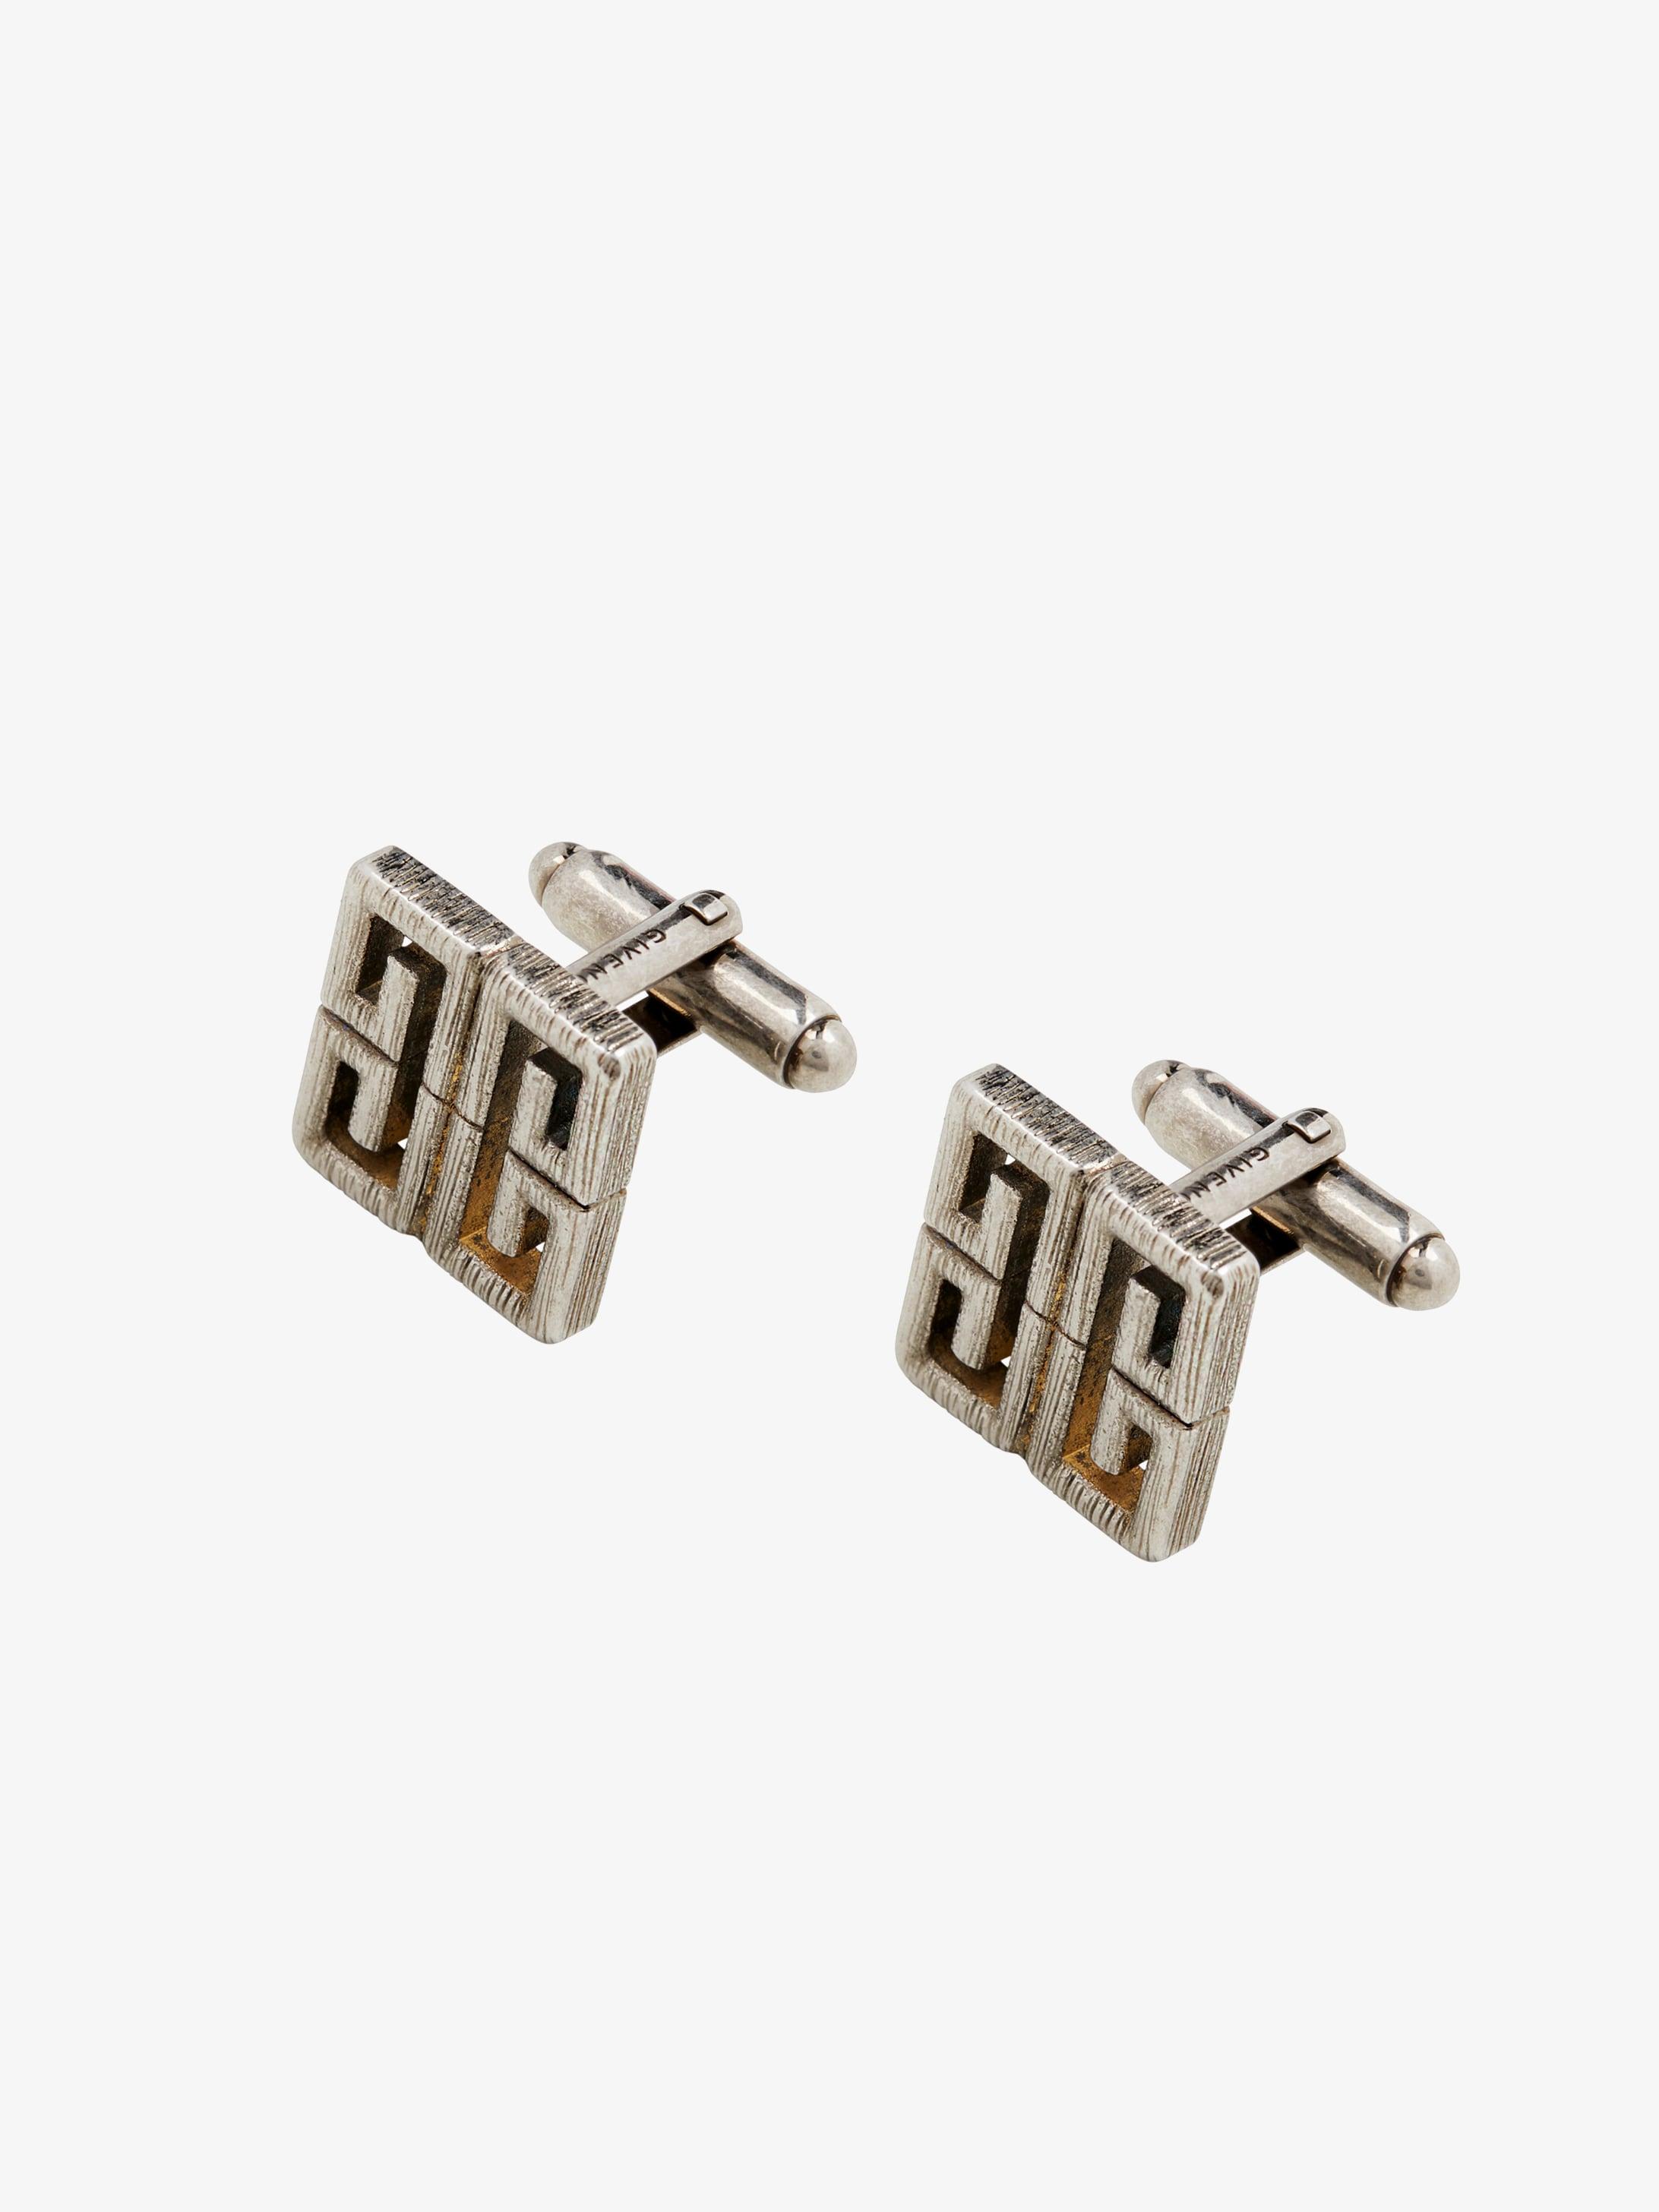 4G brass cufflinks